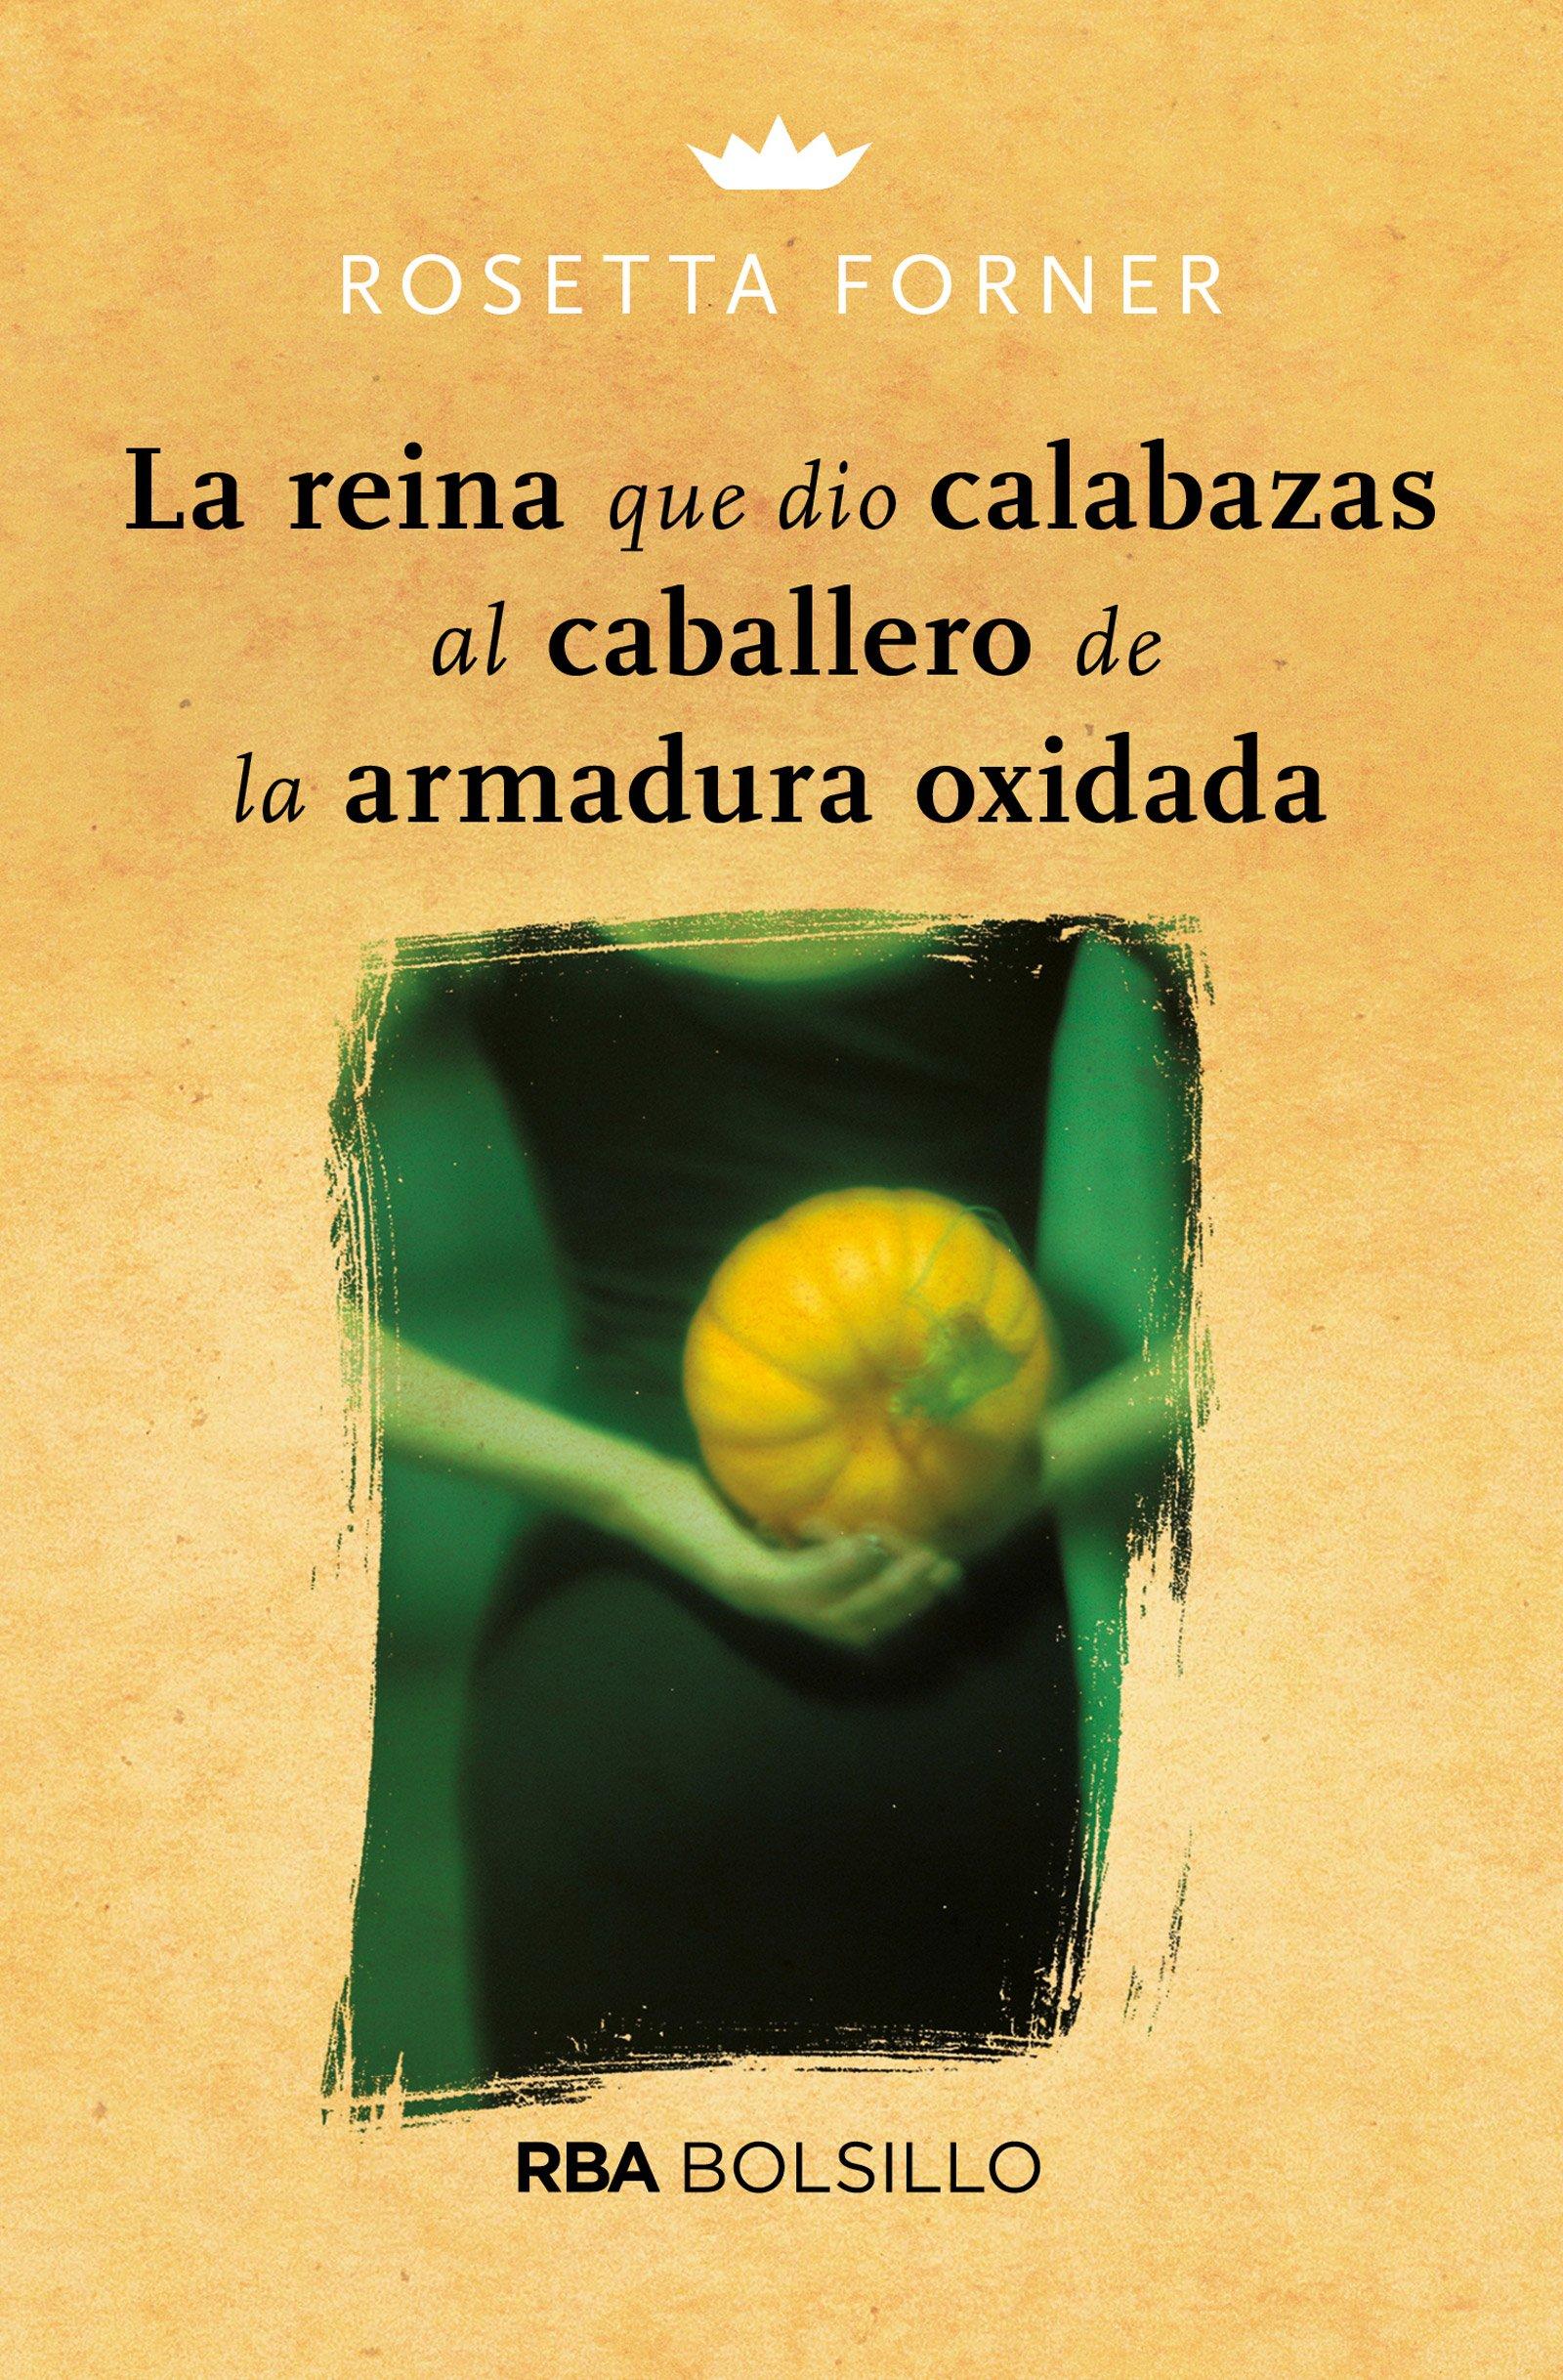 La reina que dio calabazas (bolsillo) (NO FICCION): Amazon.es: ROSETTA FORNER VERAL: Libros